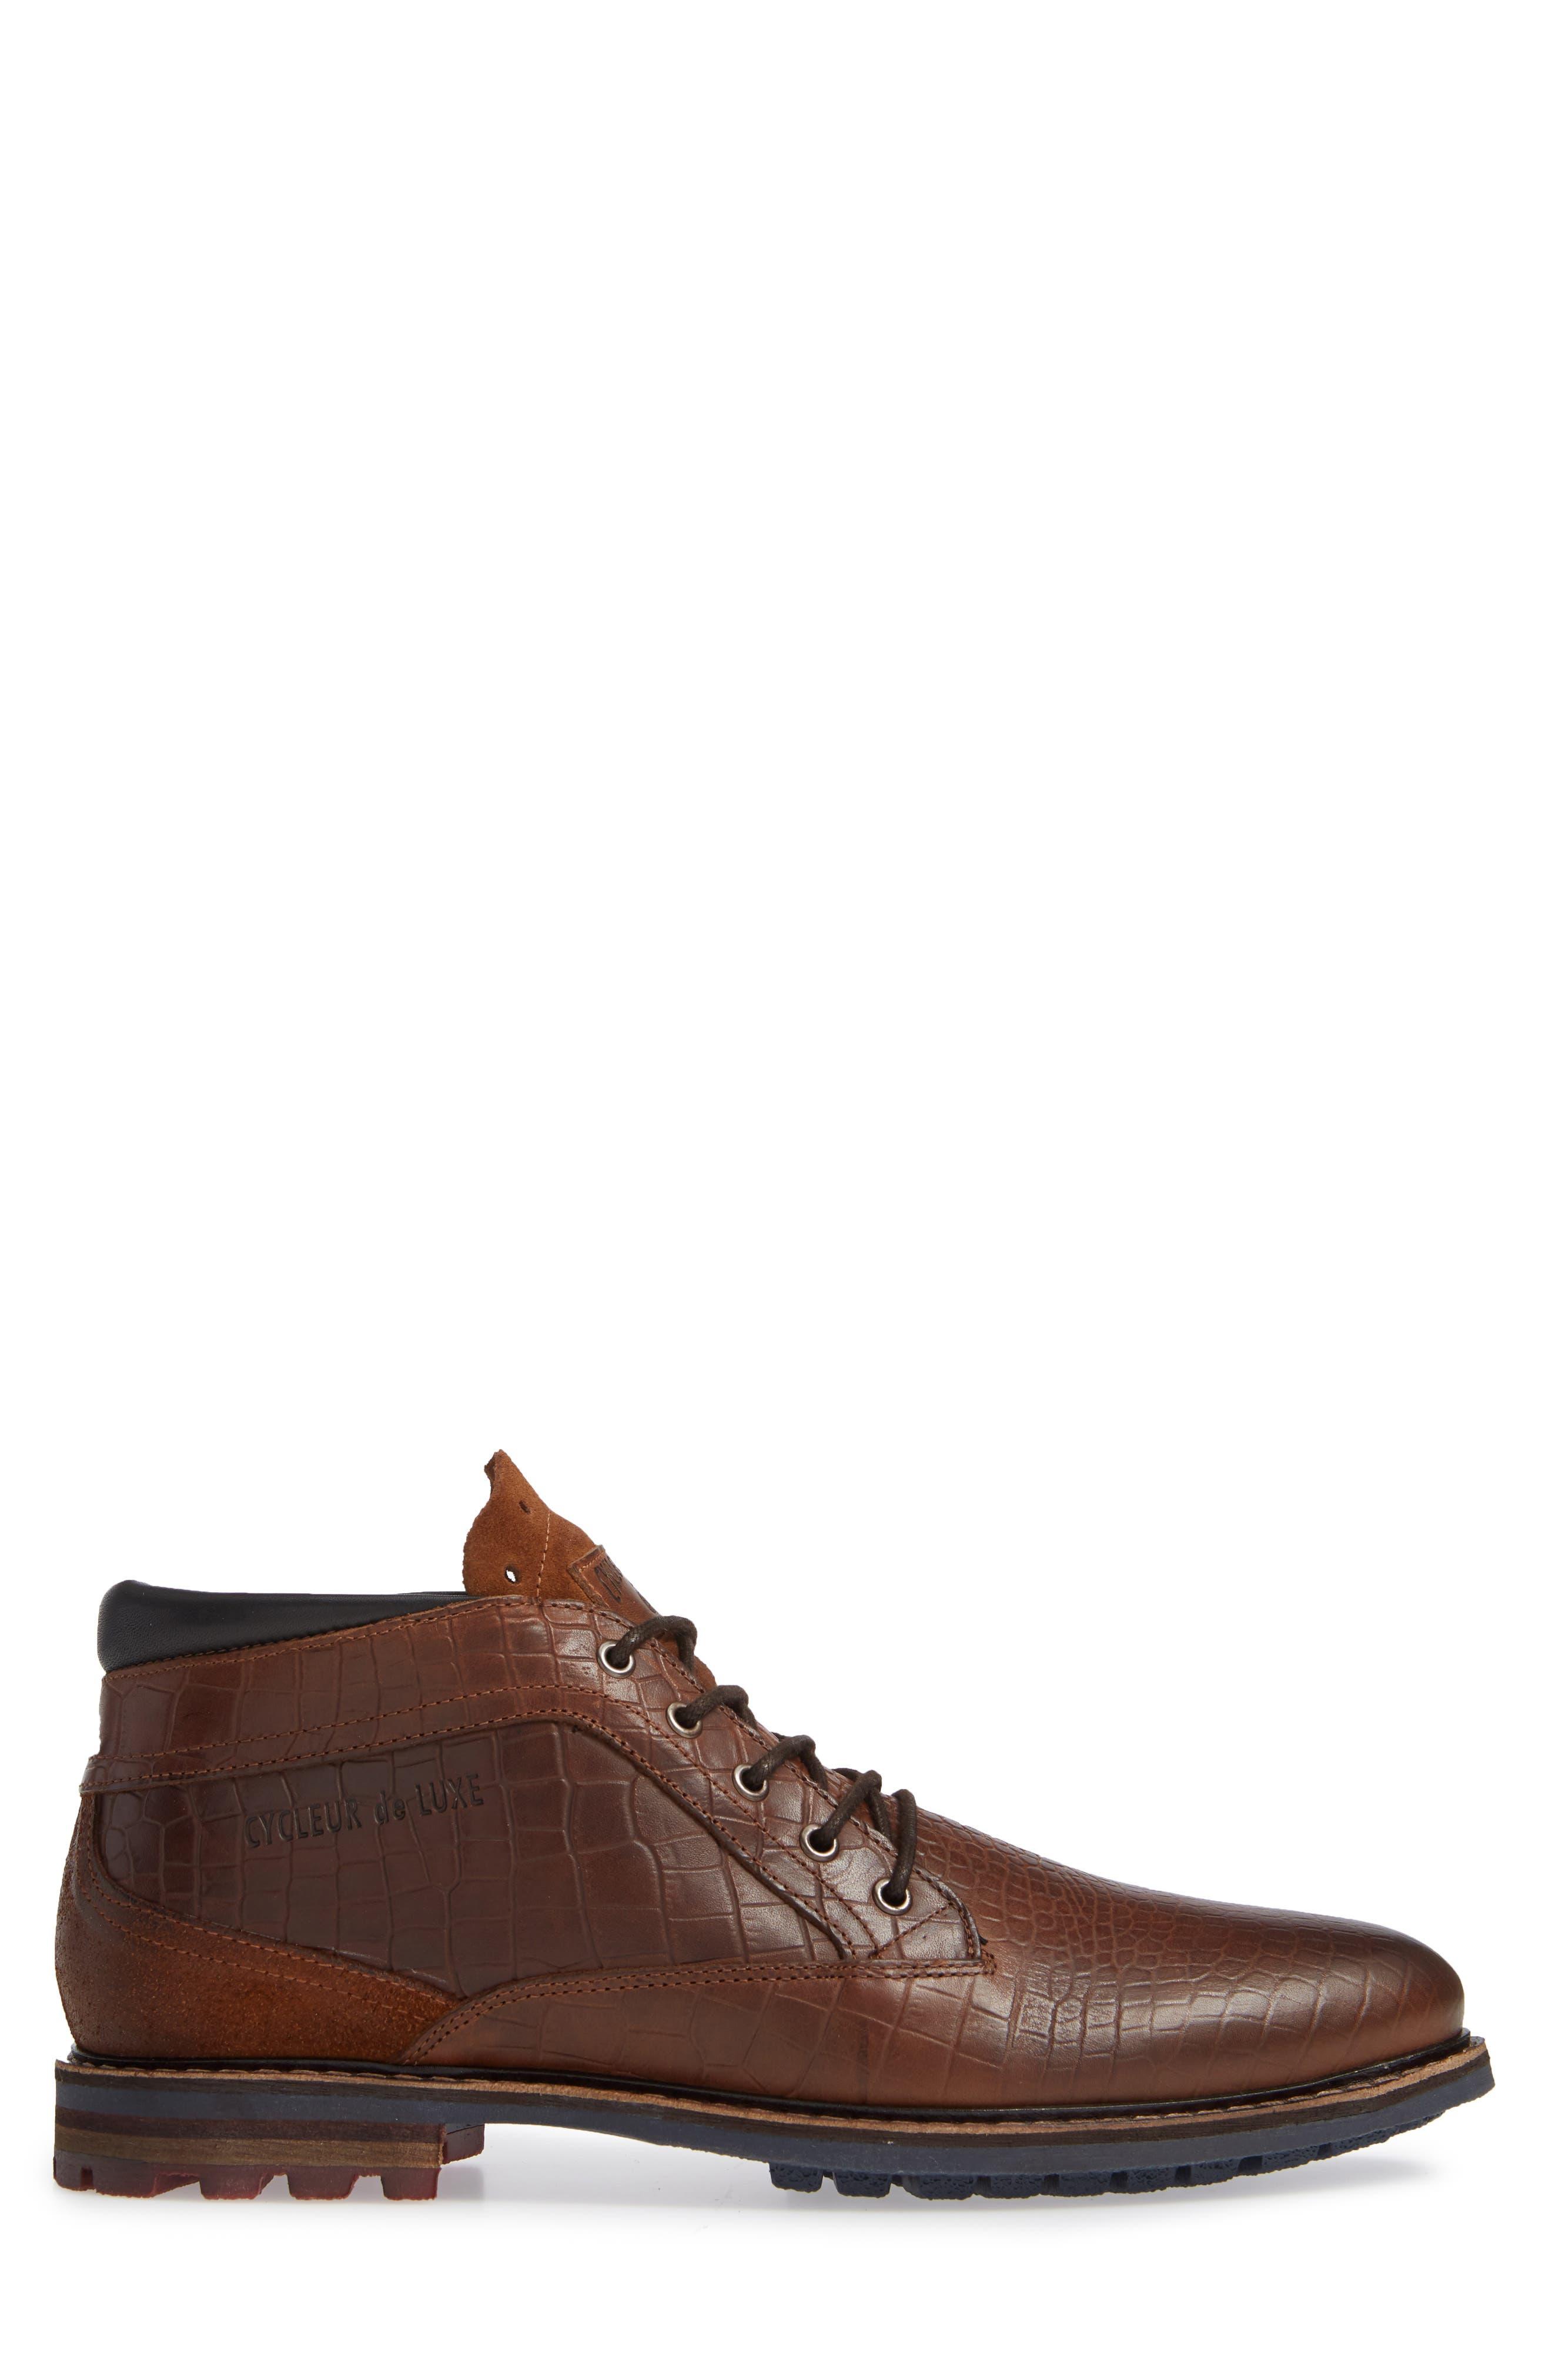 Manton Plain Toe Boot,                             Alternate thumbnail 3, color,                             COGNAC